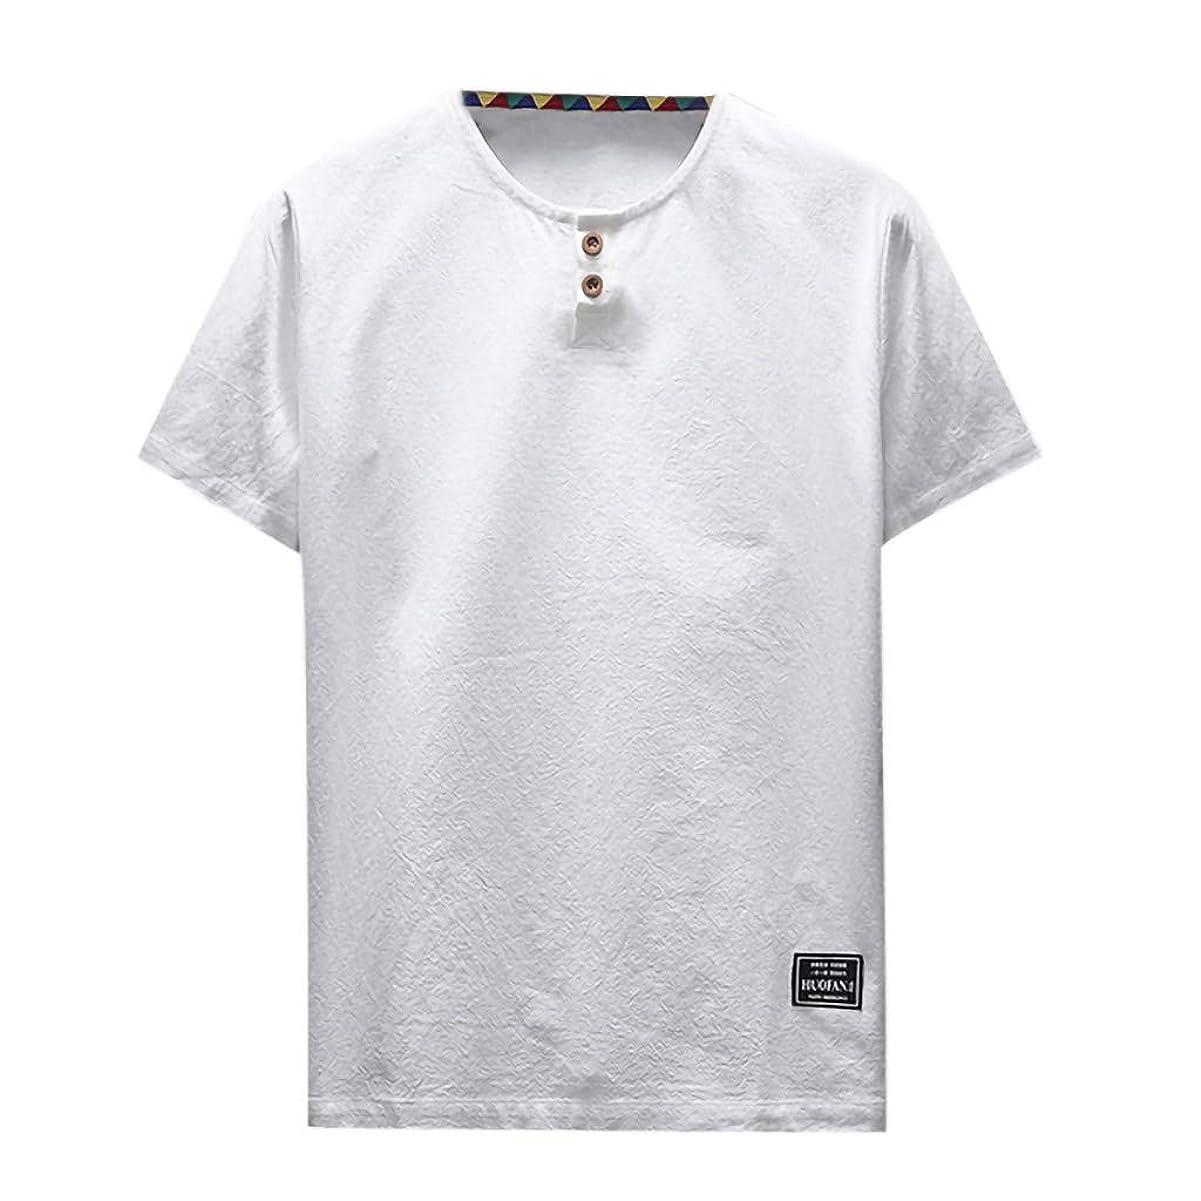 吸収する増加するホイッスルOD企画 Tシャツ メンズ 半袖 シャツ メンズ tシャツ メンズ おおきいサイズ 日系 綿麻 丸首 半袖シャツ シャツ 半袖 ブラウス トップス ゆるtシャツ 春夏節対応 おしゃれ ゆったり カットソー ファッション 夏服